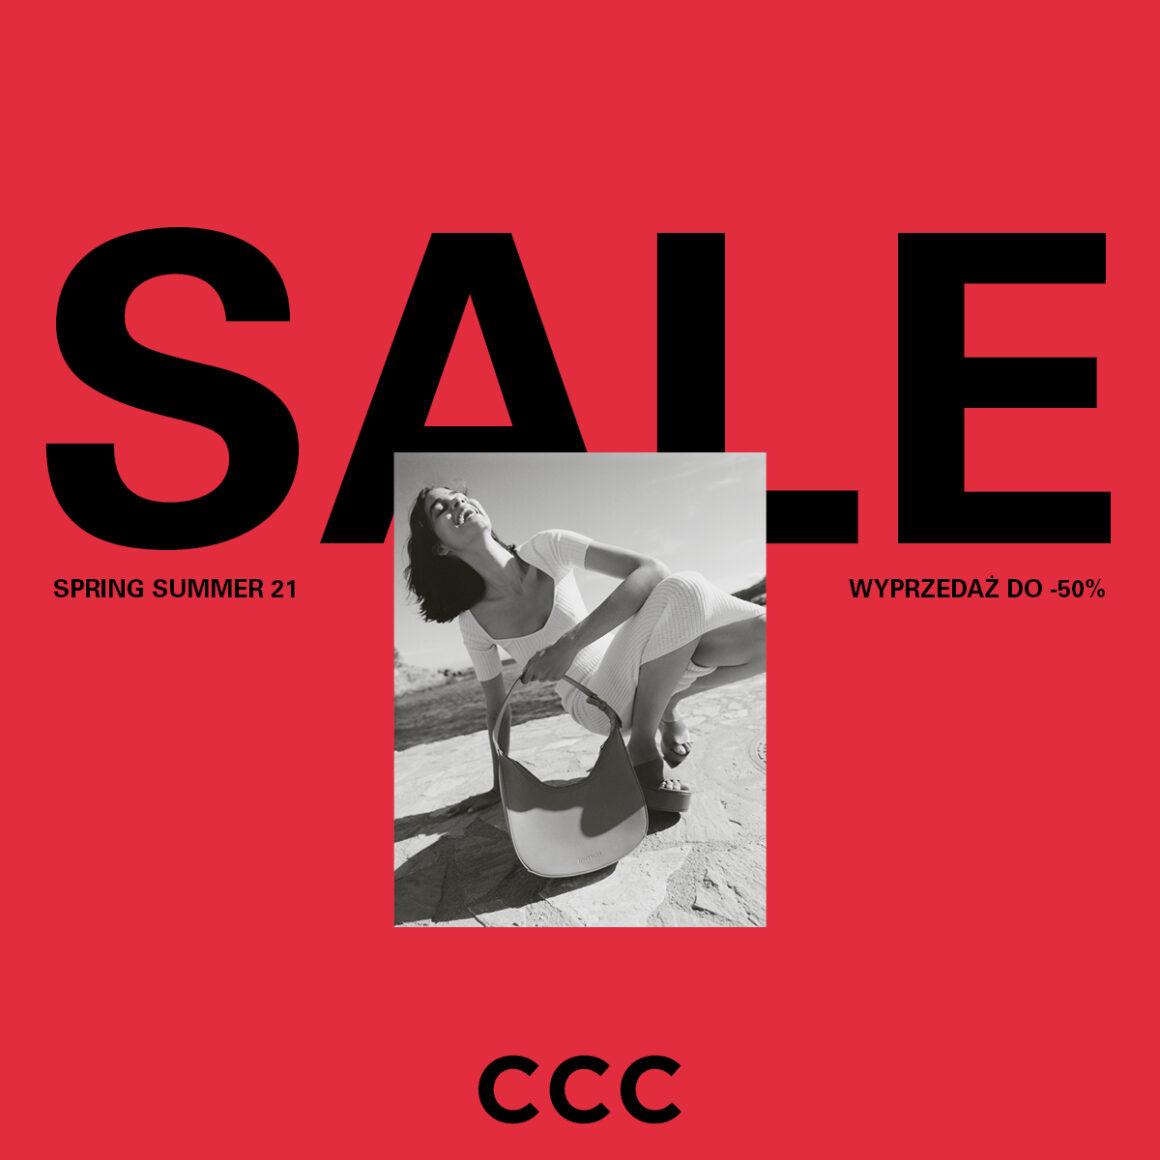 Wyprzedaż do -50% CCC